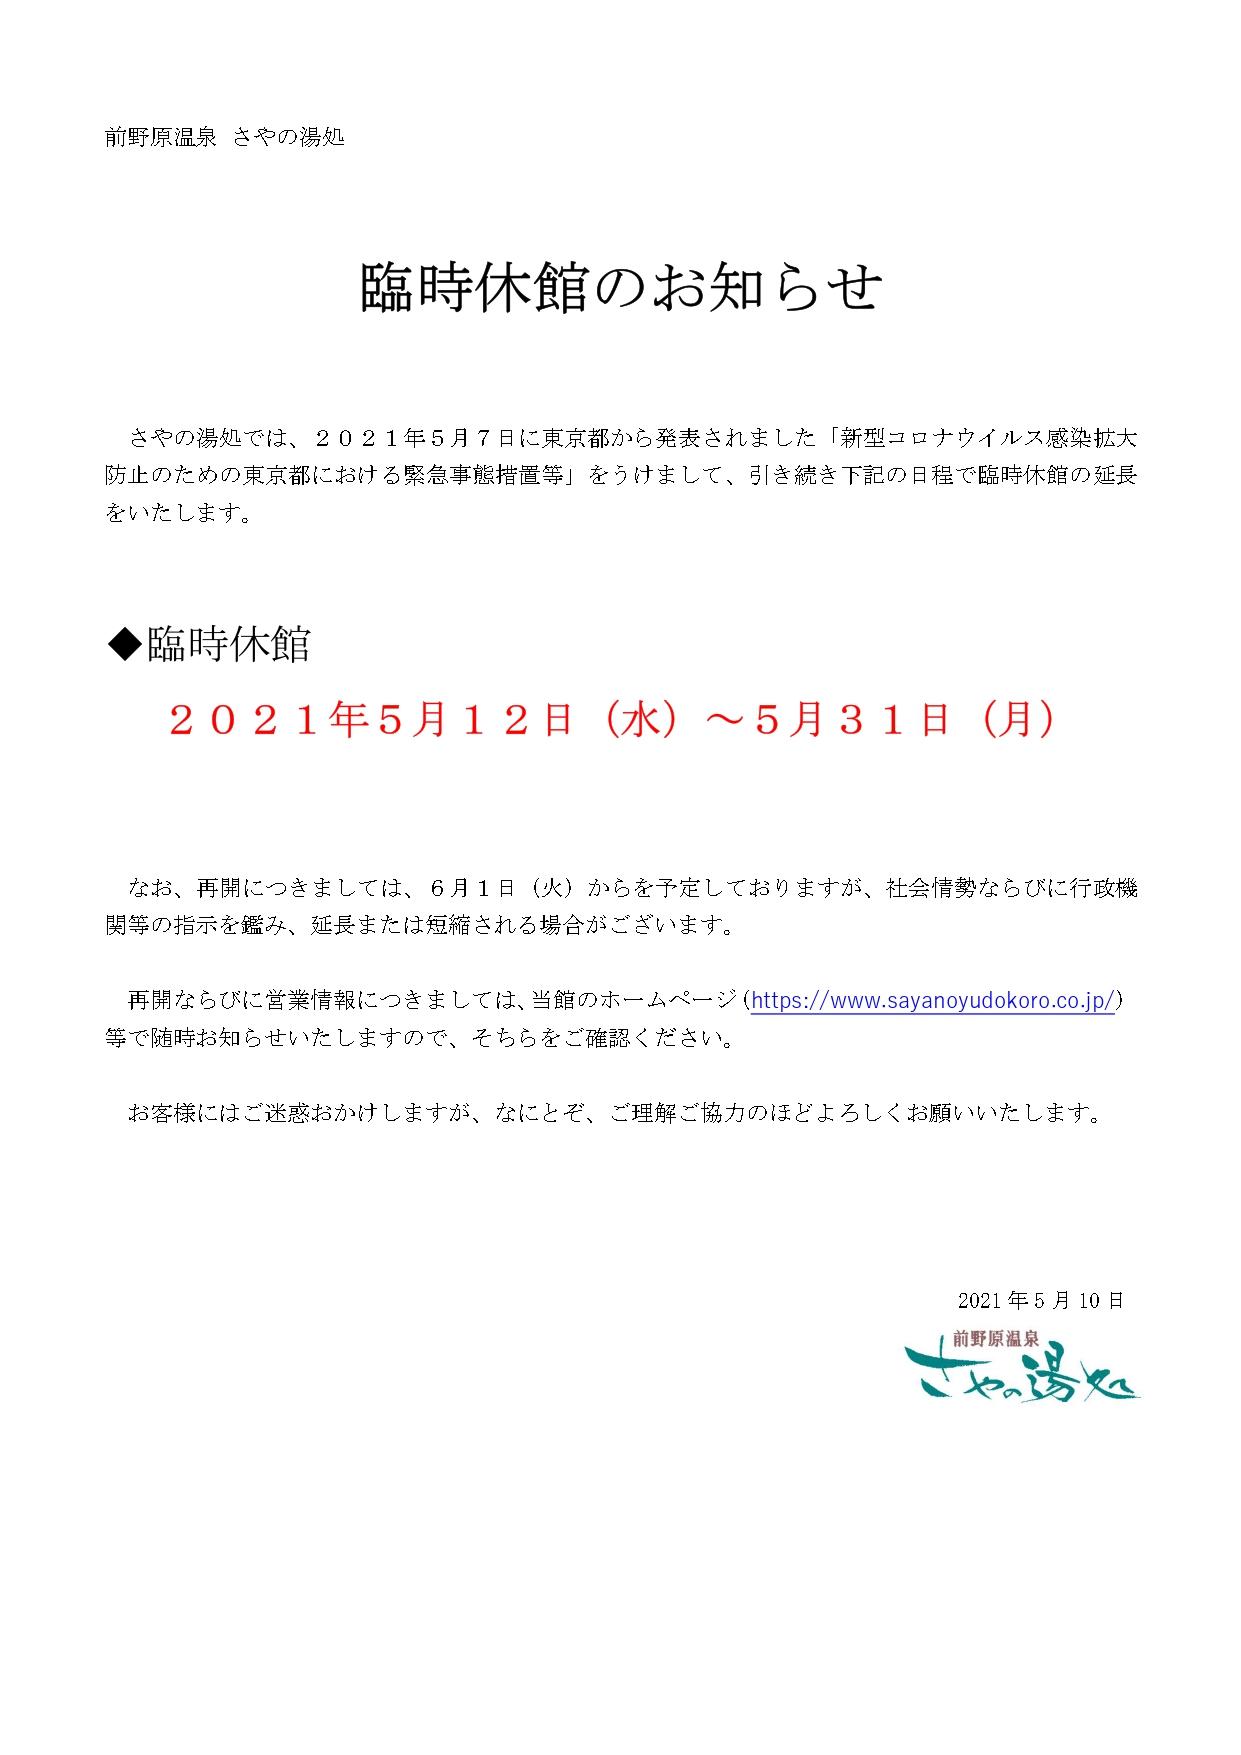 臨時休館のお知らせ(5/12~5/31)